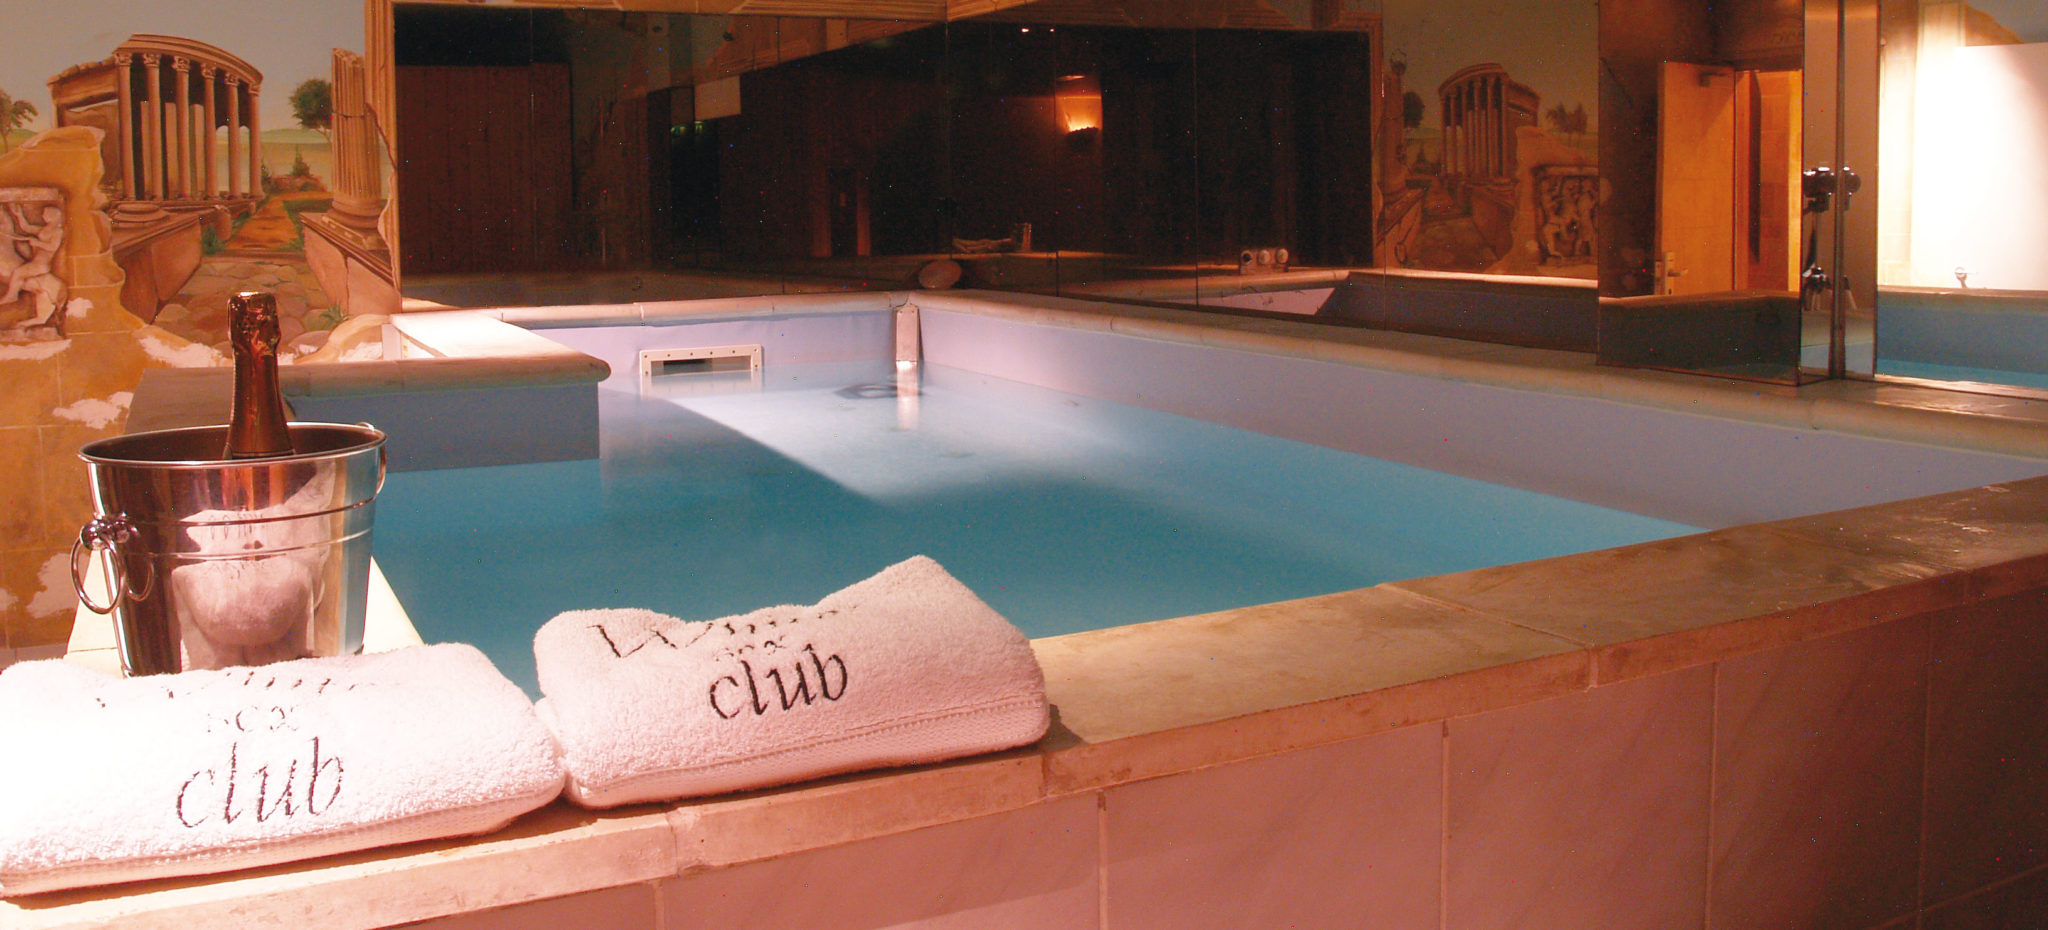 Sauna-zwembad-sexclub-rotterdam-Whites